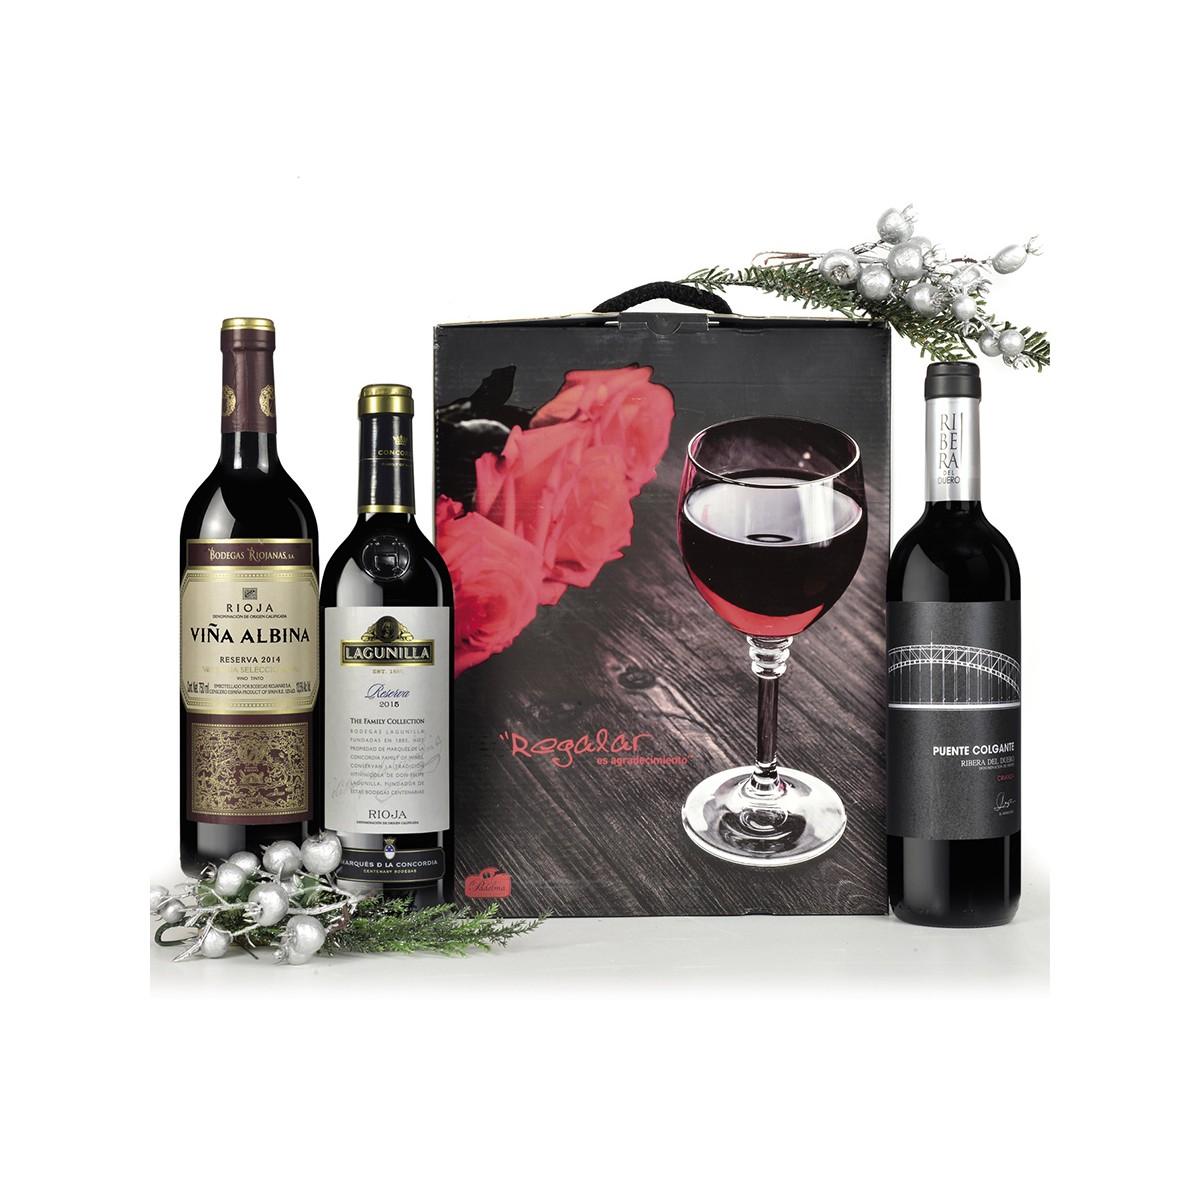 https://www.carneseleccion.com/10665-thickbox_default/seleccion-de-vinos-de-navidad-n-220.jpg